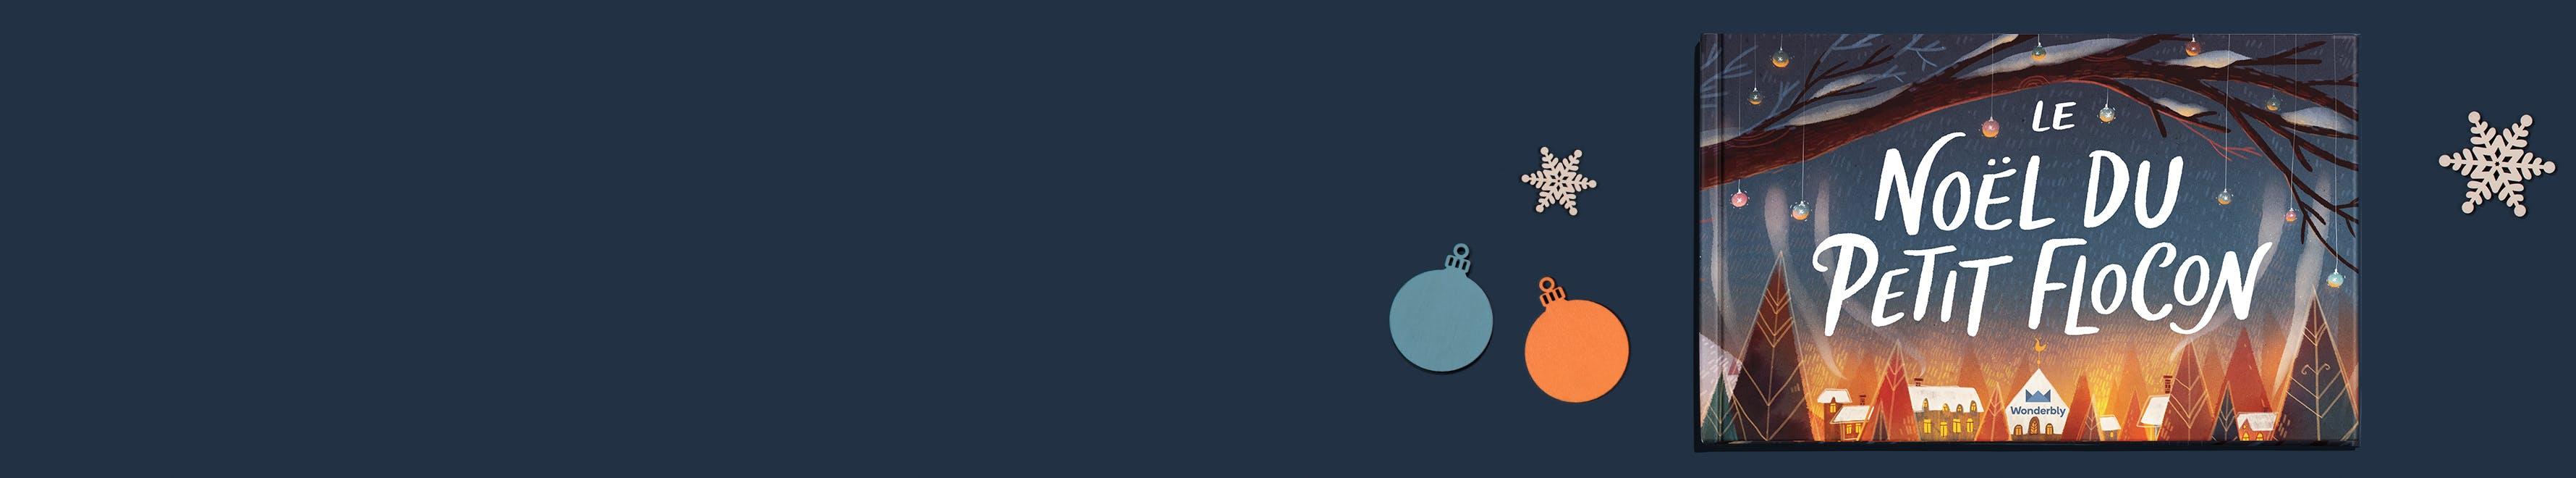 Le Noël du petit flocon